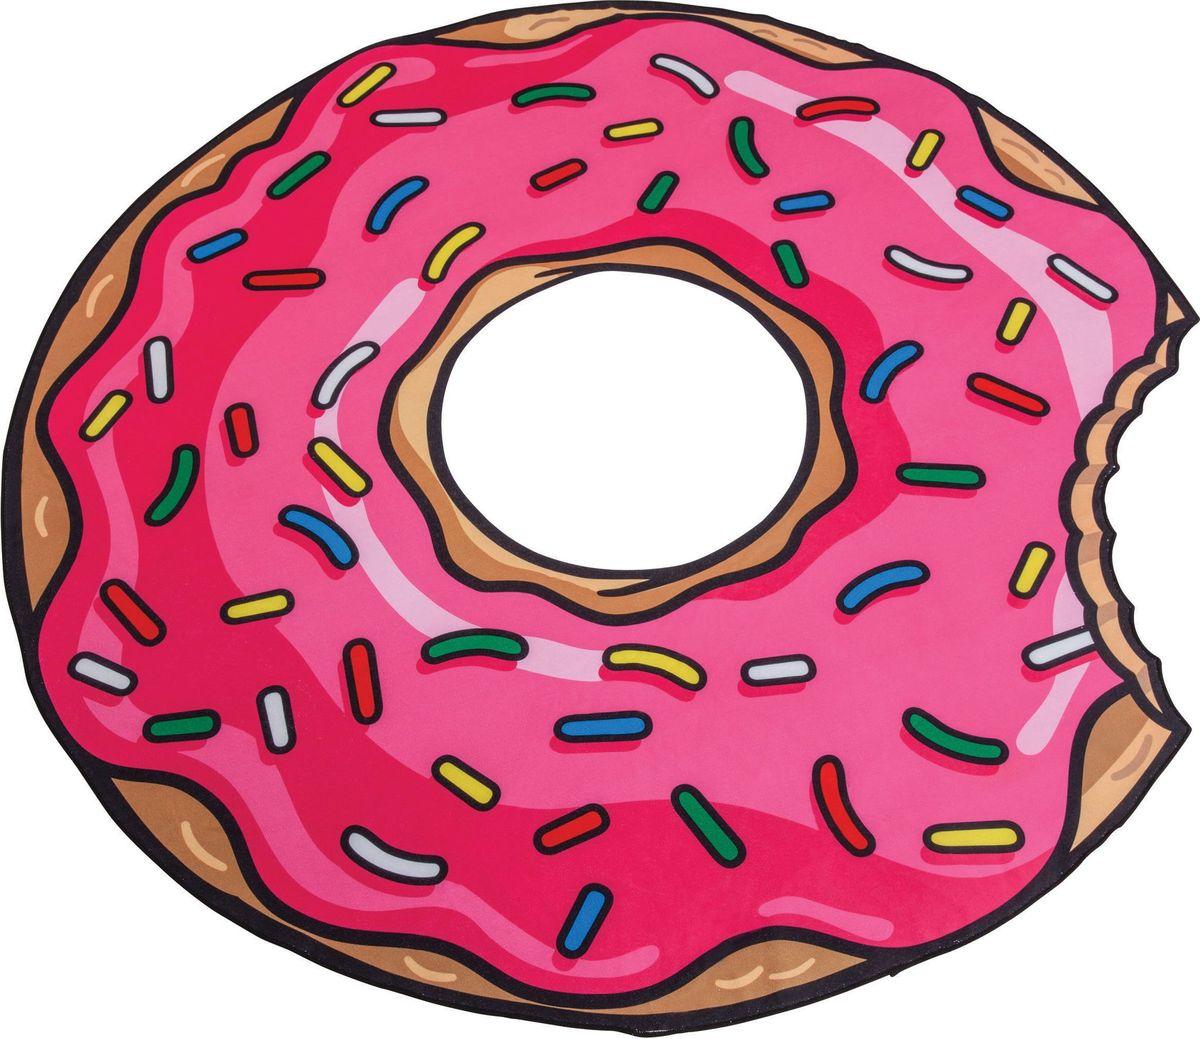 Покрывало пляжное BigMouth Strawberry Donut488615_красный, синийПляжные покрывала Big Mouth отличаются яркими и незаурядными дизайнами, за счет чего сразу приковывают к себе внимание. На них приятно расположиться у моря или бассейна в жаркий летний день и ловить на себе согревающие солнечные лучи. Благодаря тому, что изделия имеют довольно крупные размеры, они прекрасно подходят как для детей, так и для взрослых. Легкий и приятный на ощупь материал подарит максимальный комфорт, а оригинальный окрас подчеркнет вашу индивидуальность. Покрывало можно использовать еще и в качестве пляжного полотенца, ведь тыльная сторона изделия выполнена из мягкой ткани, хорошо впитывающей влагу.